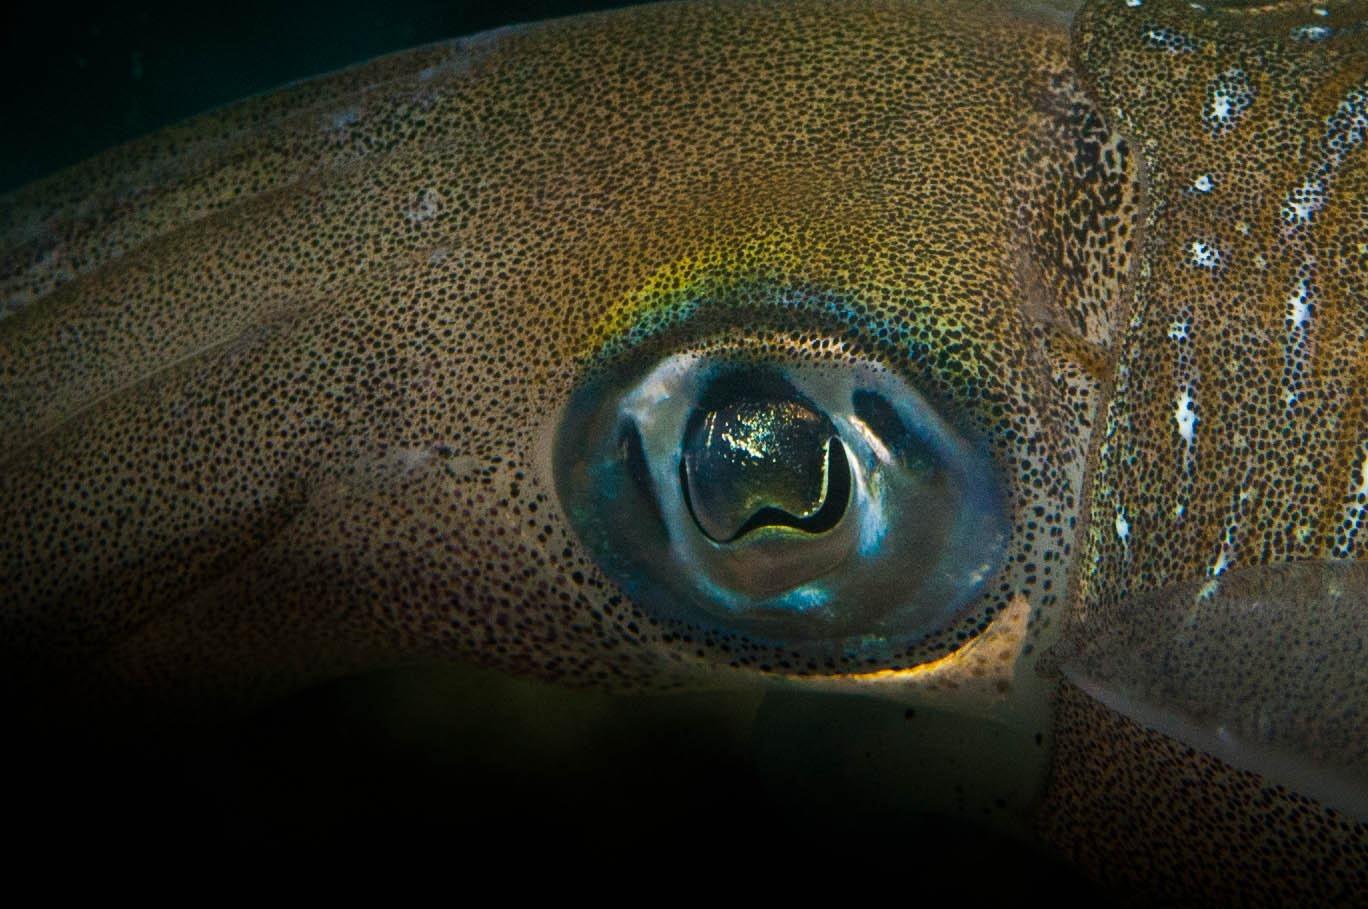 Tintenfisch (Sepia)